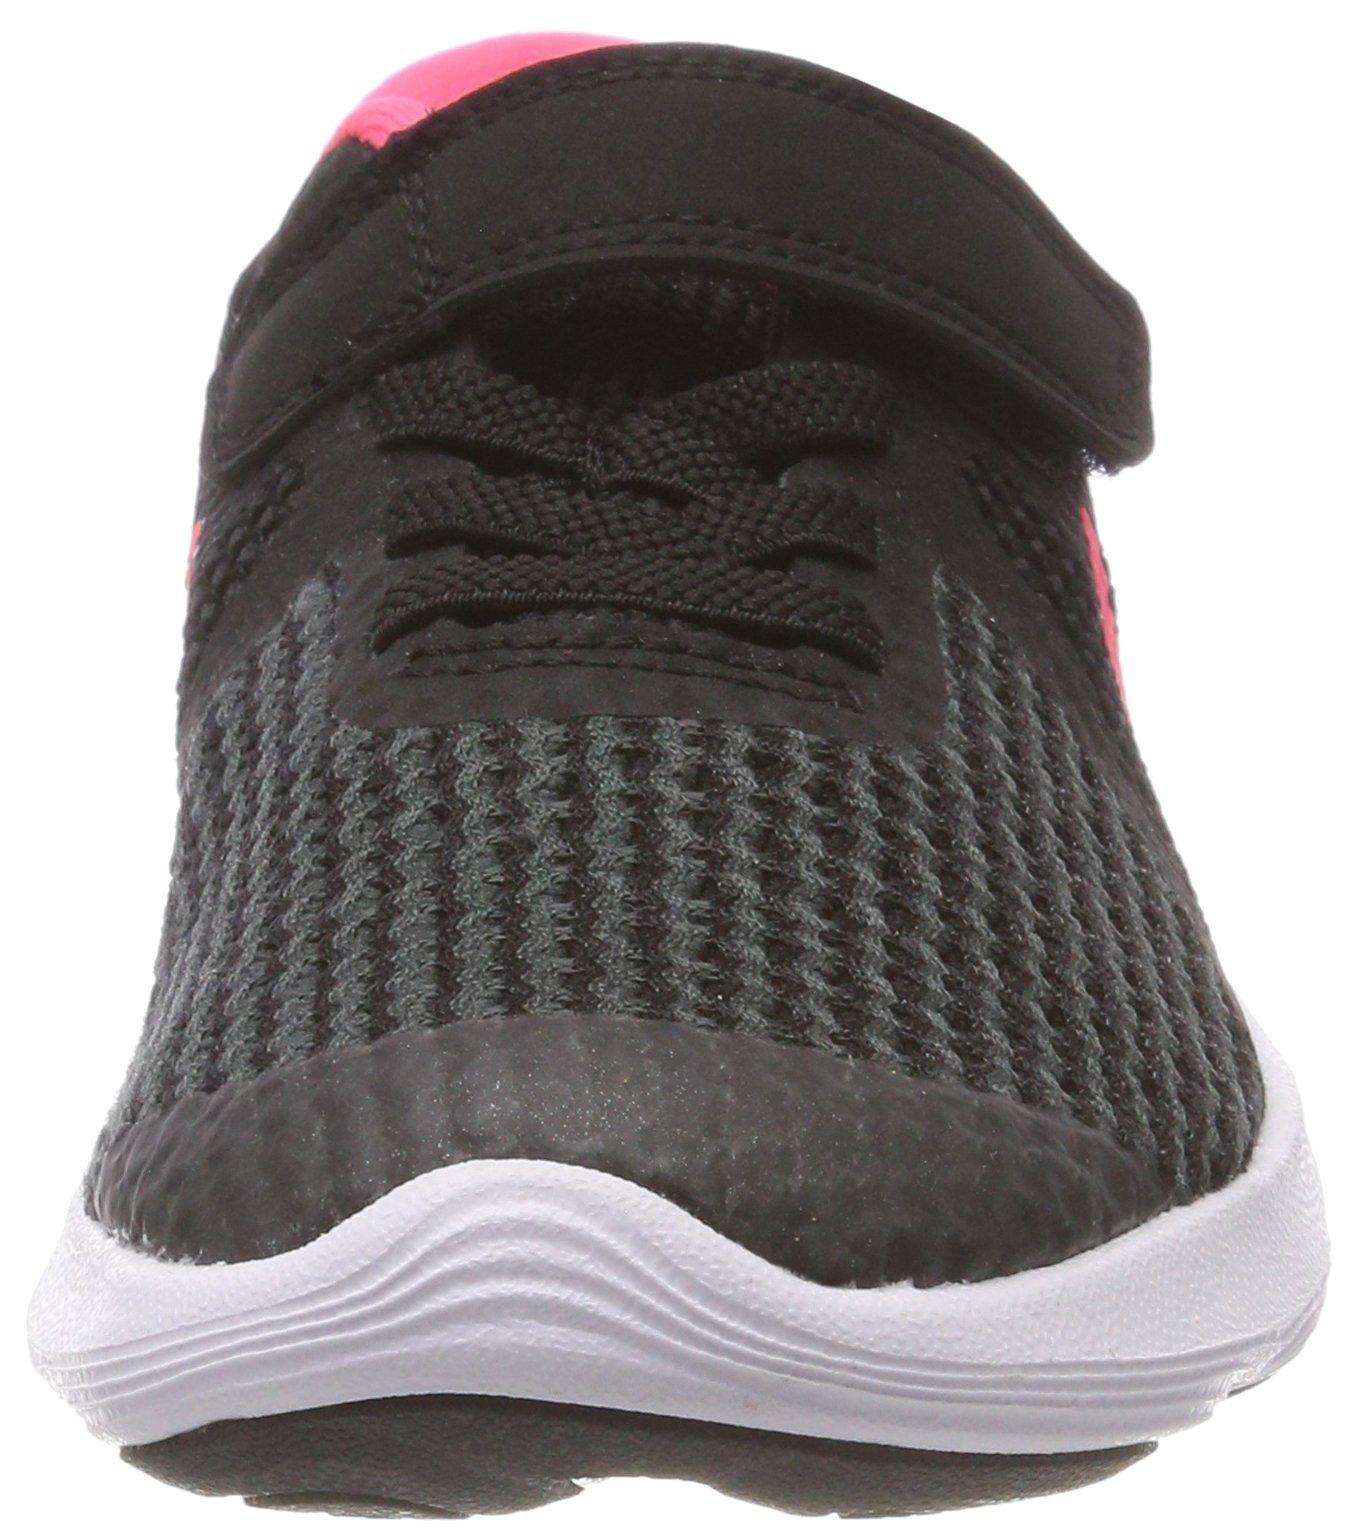 Nike Girls' Revolution 4 (PSV) Running Shoe, Black/Racer Pink - White, 11.5C Regular US Little Kid by Nike (Image #4)